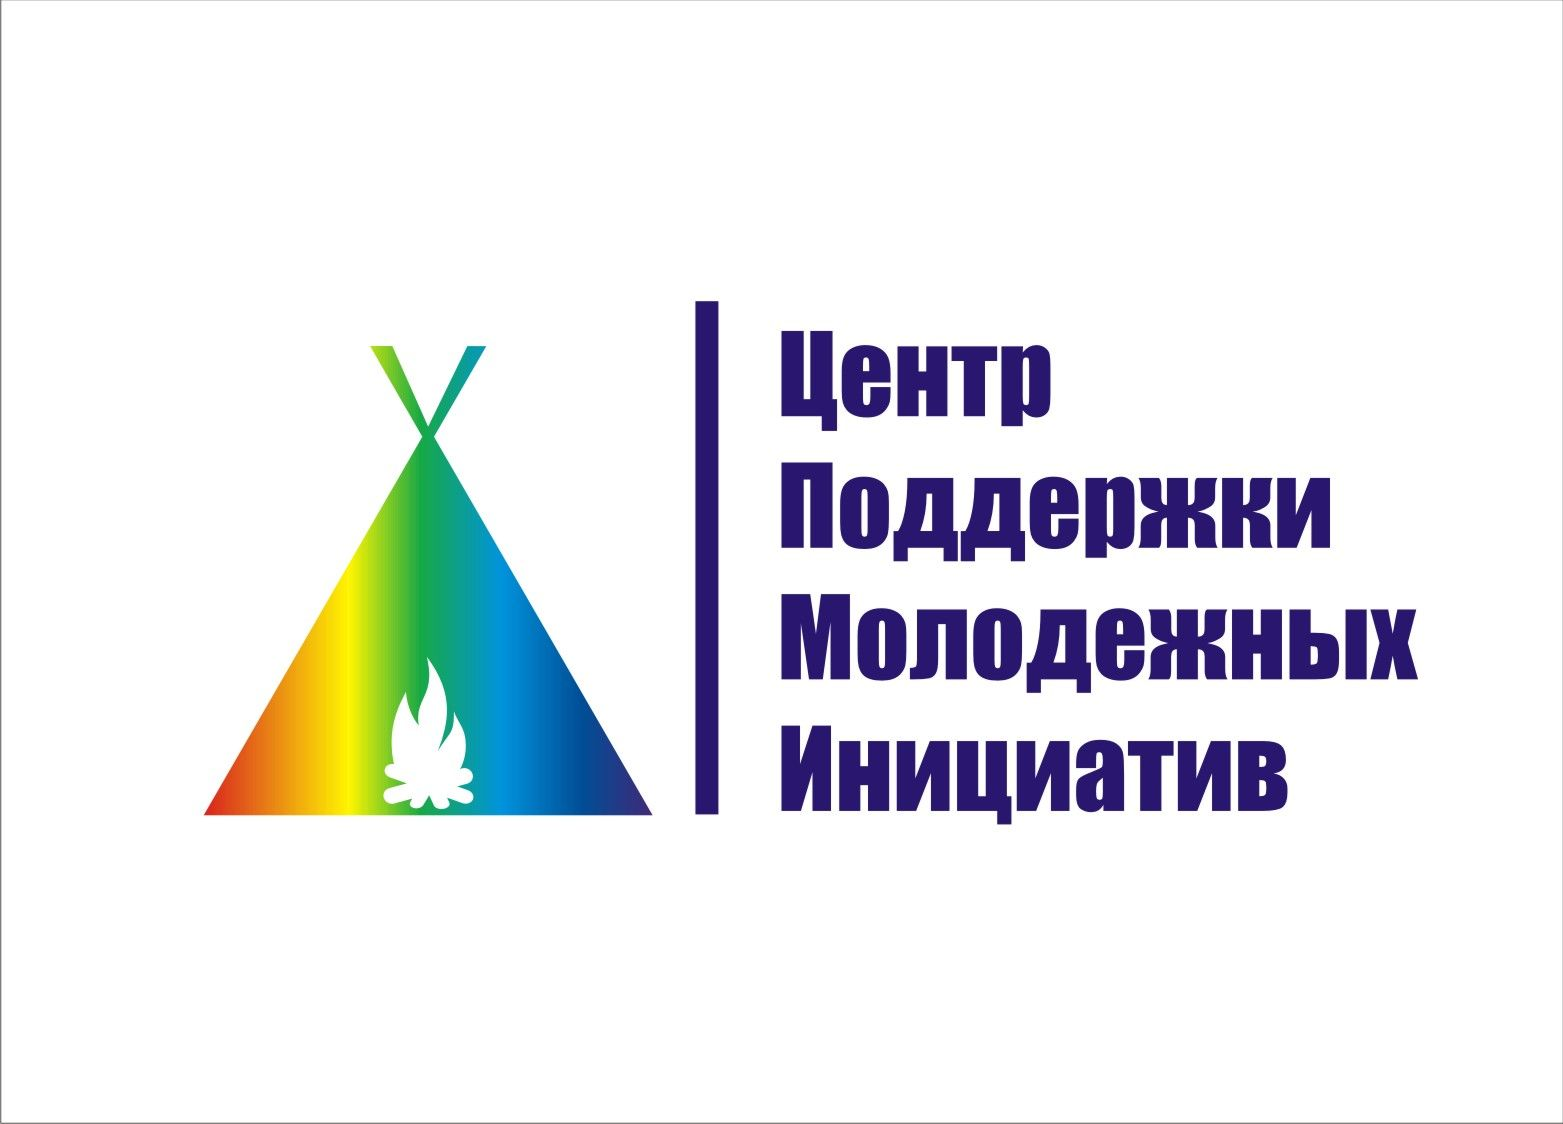 Логотип для Центра поддержки молодежных инициатив - дизайнер Evgenia_021